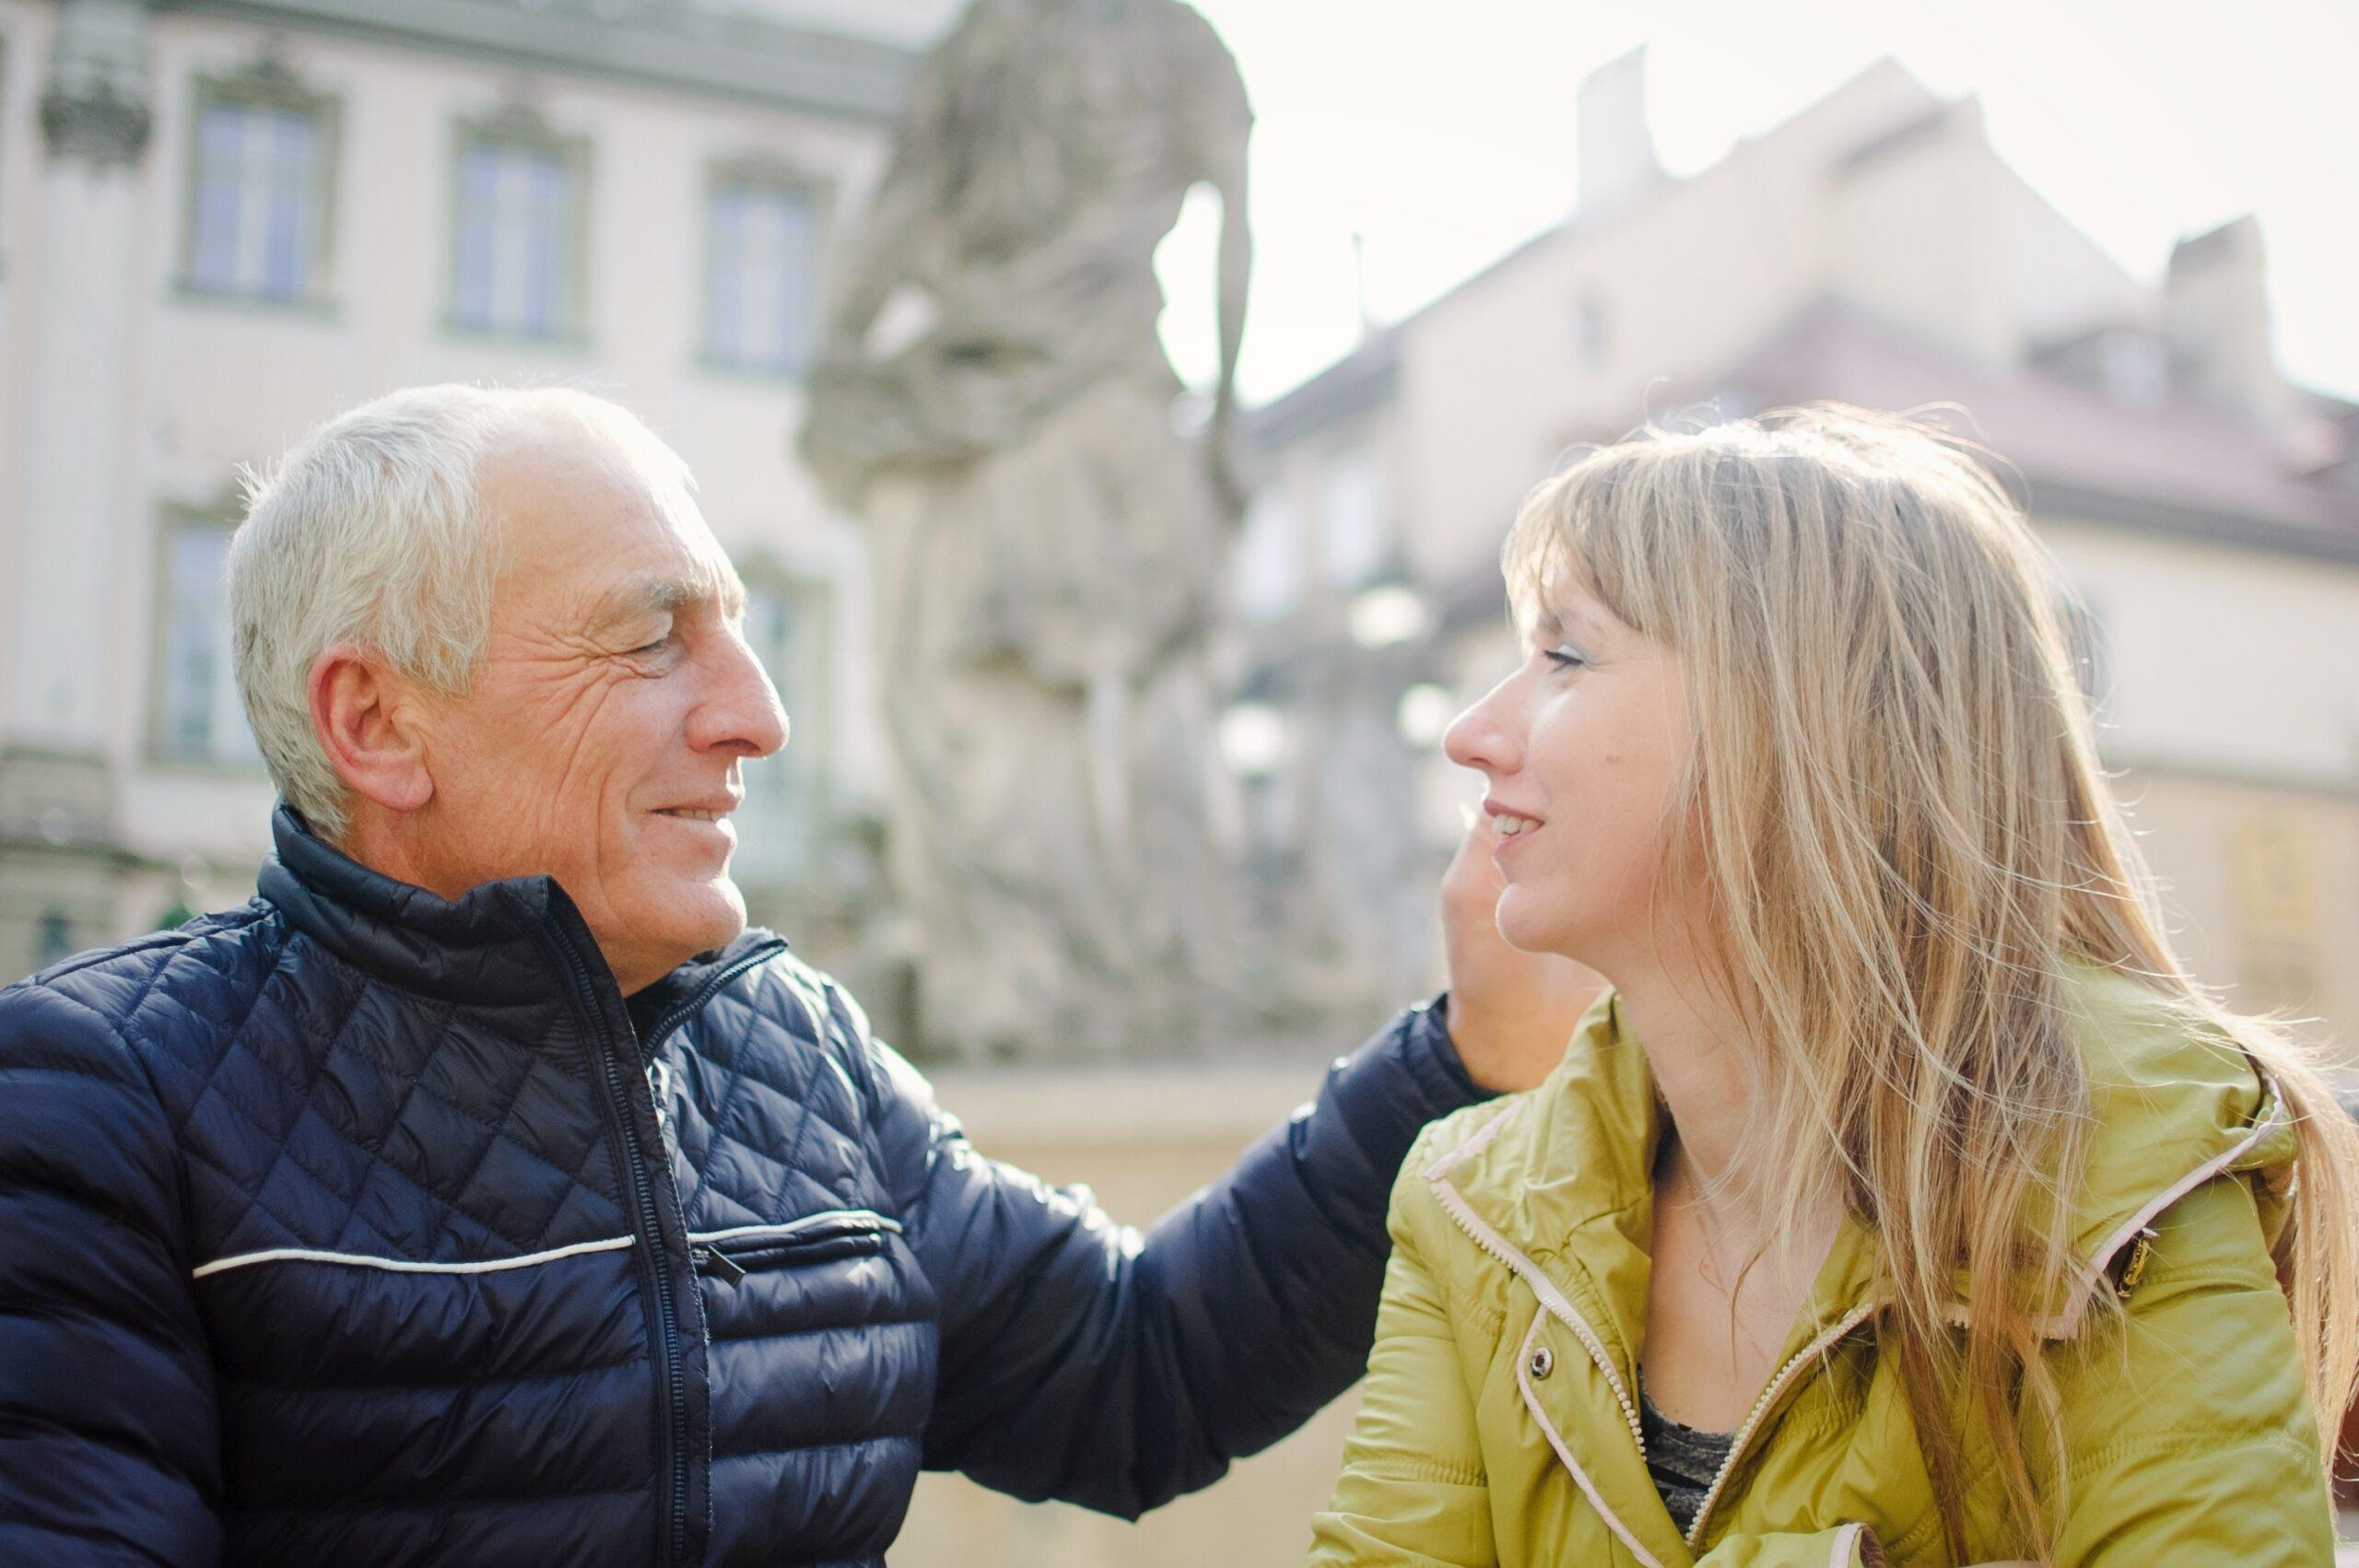 események singles bécs ismerkedés teljesen ingyen